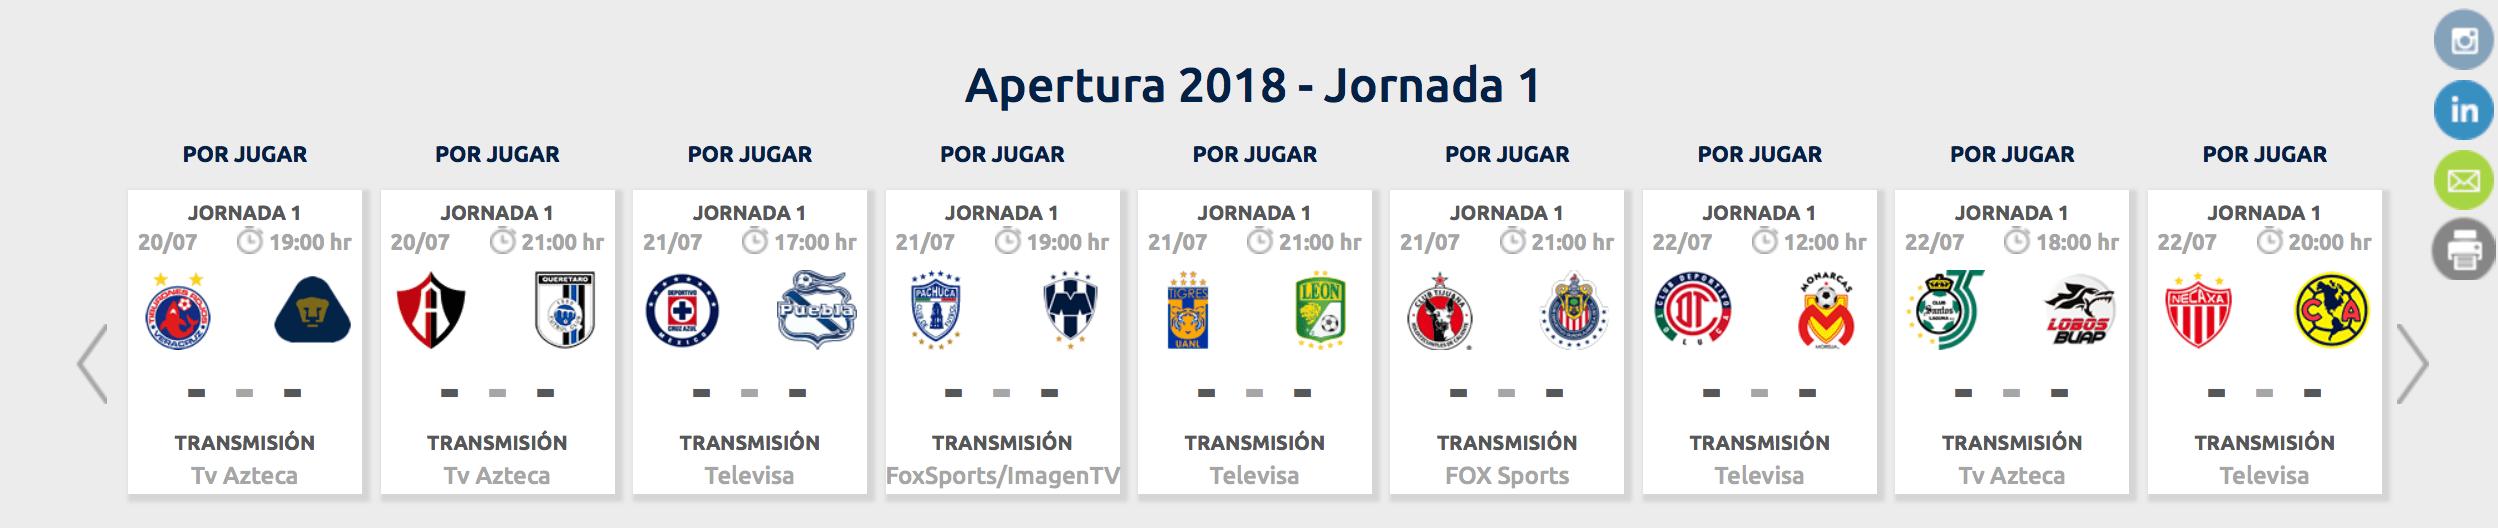 ¿Cómo, cuándo y dónde ver la Jornada 1 del Apertura 2018?